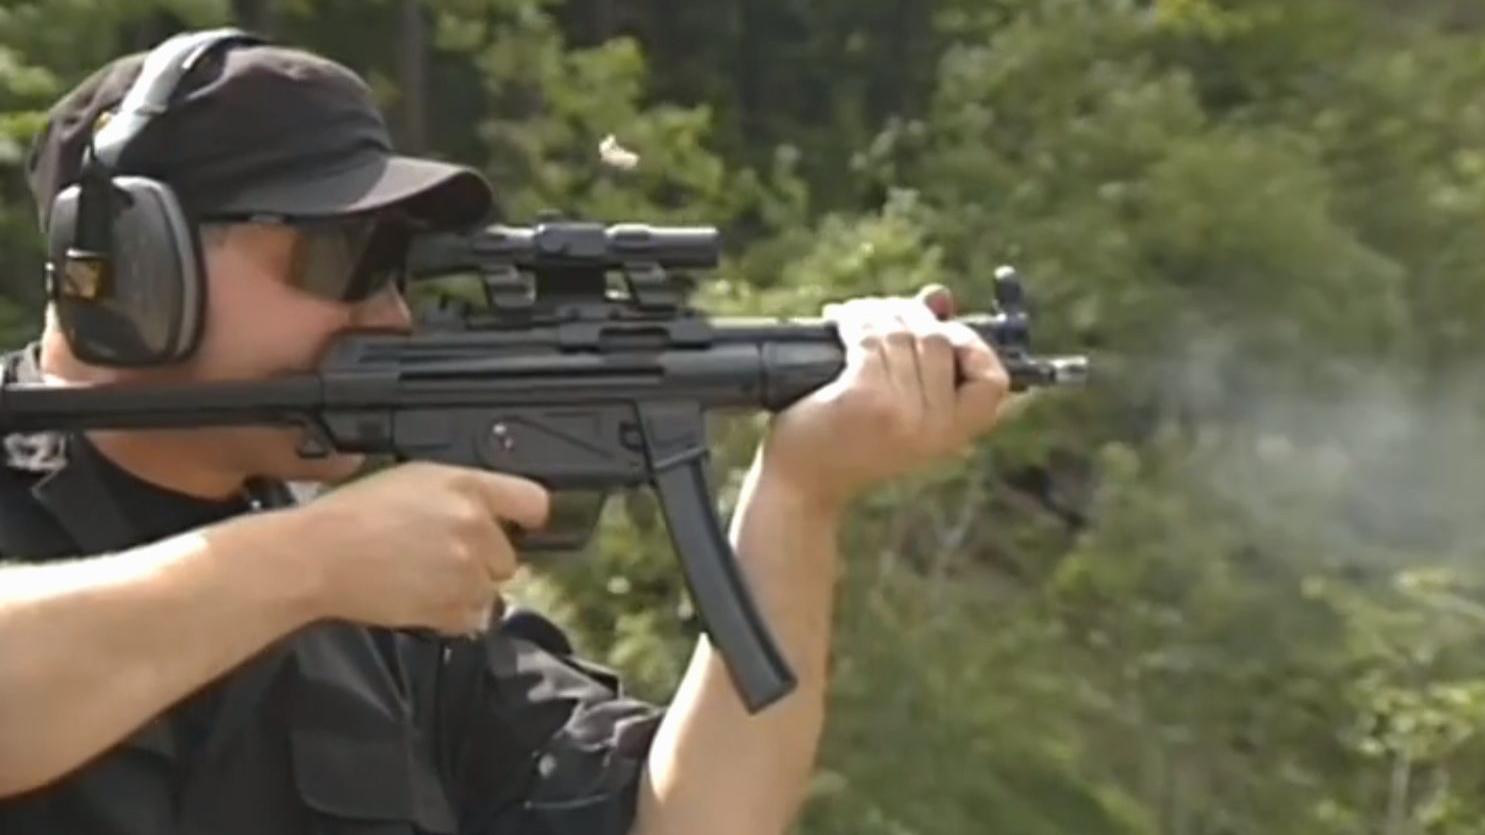 【初投稿】各类冲锋枪、霰弹枪、狙击枪射击集锦